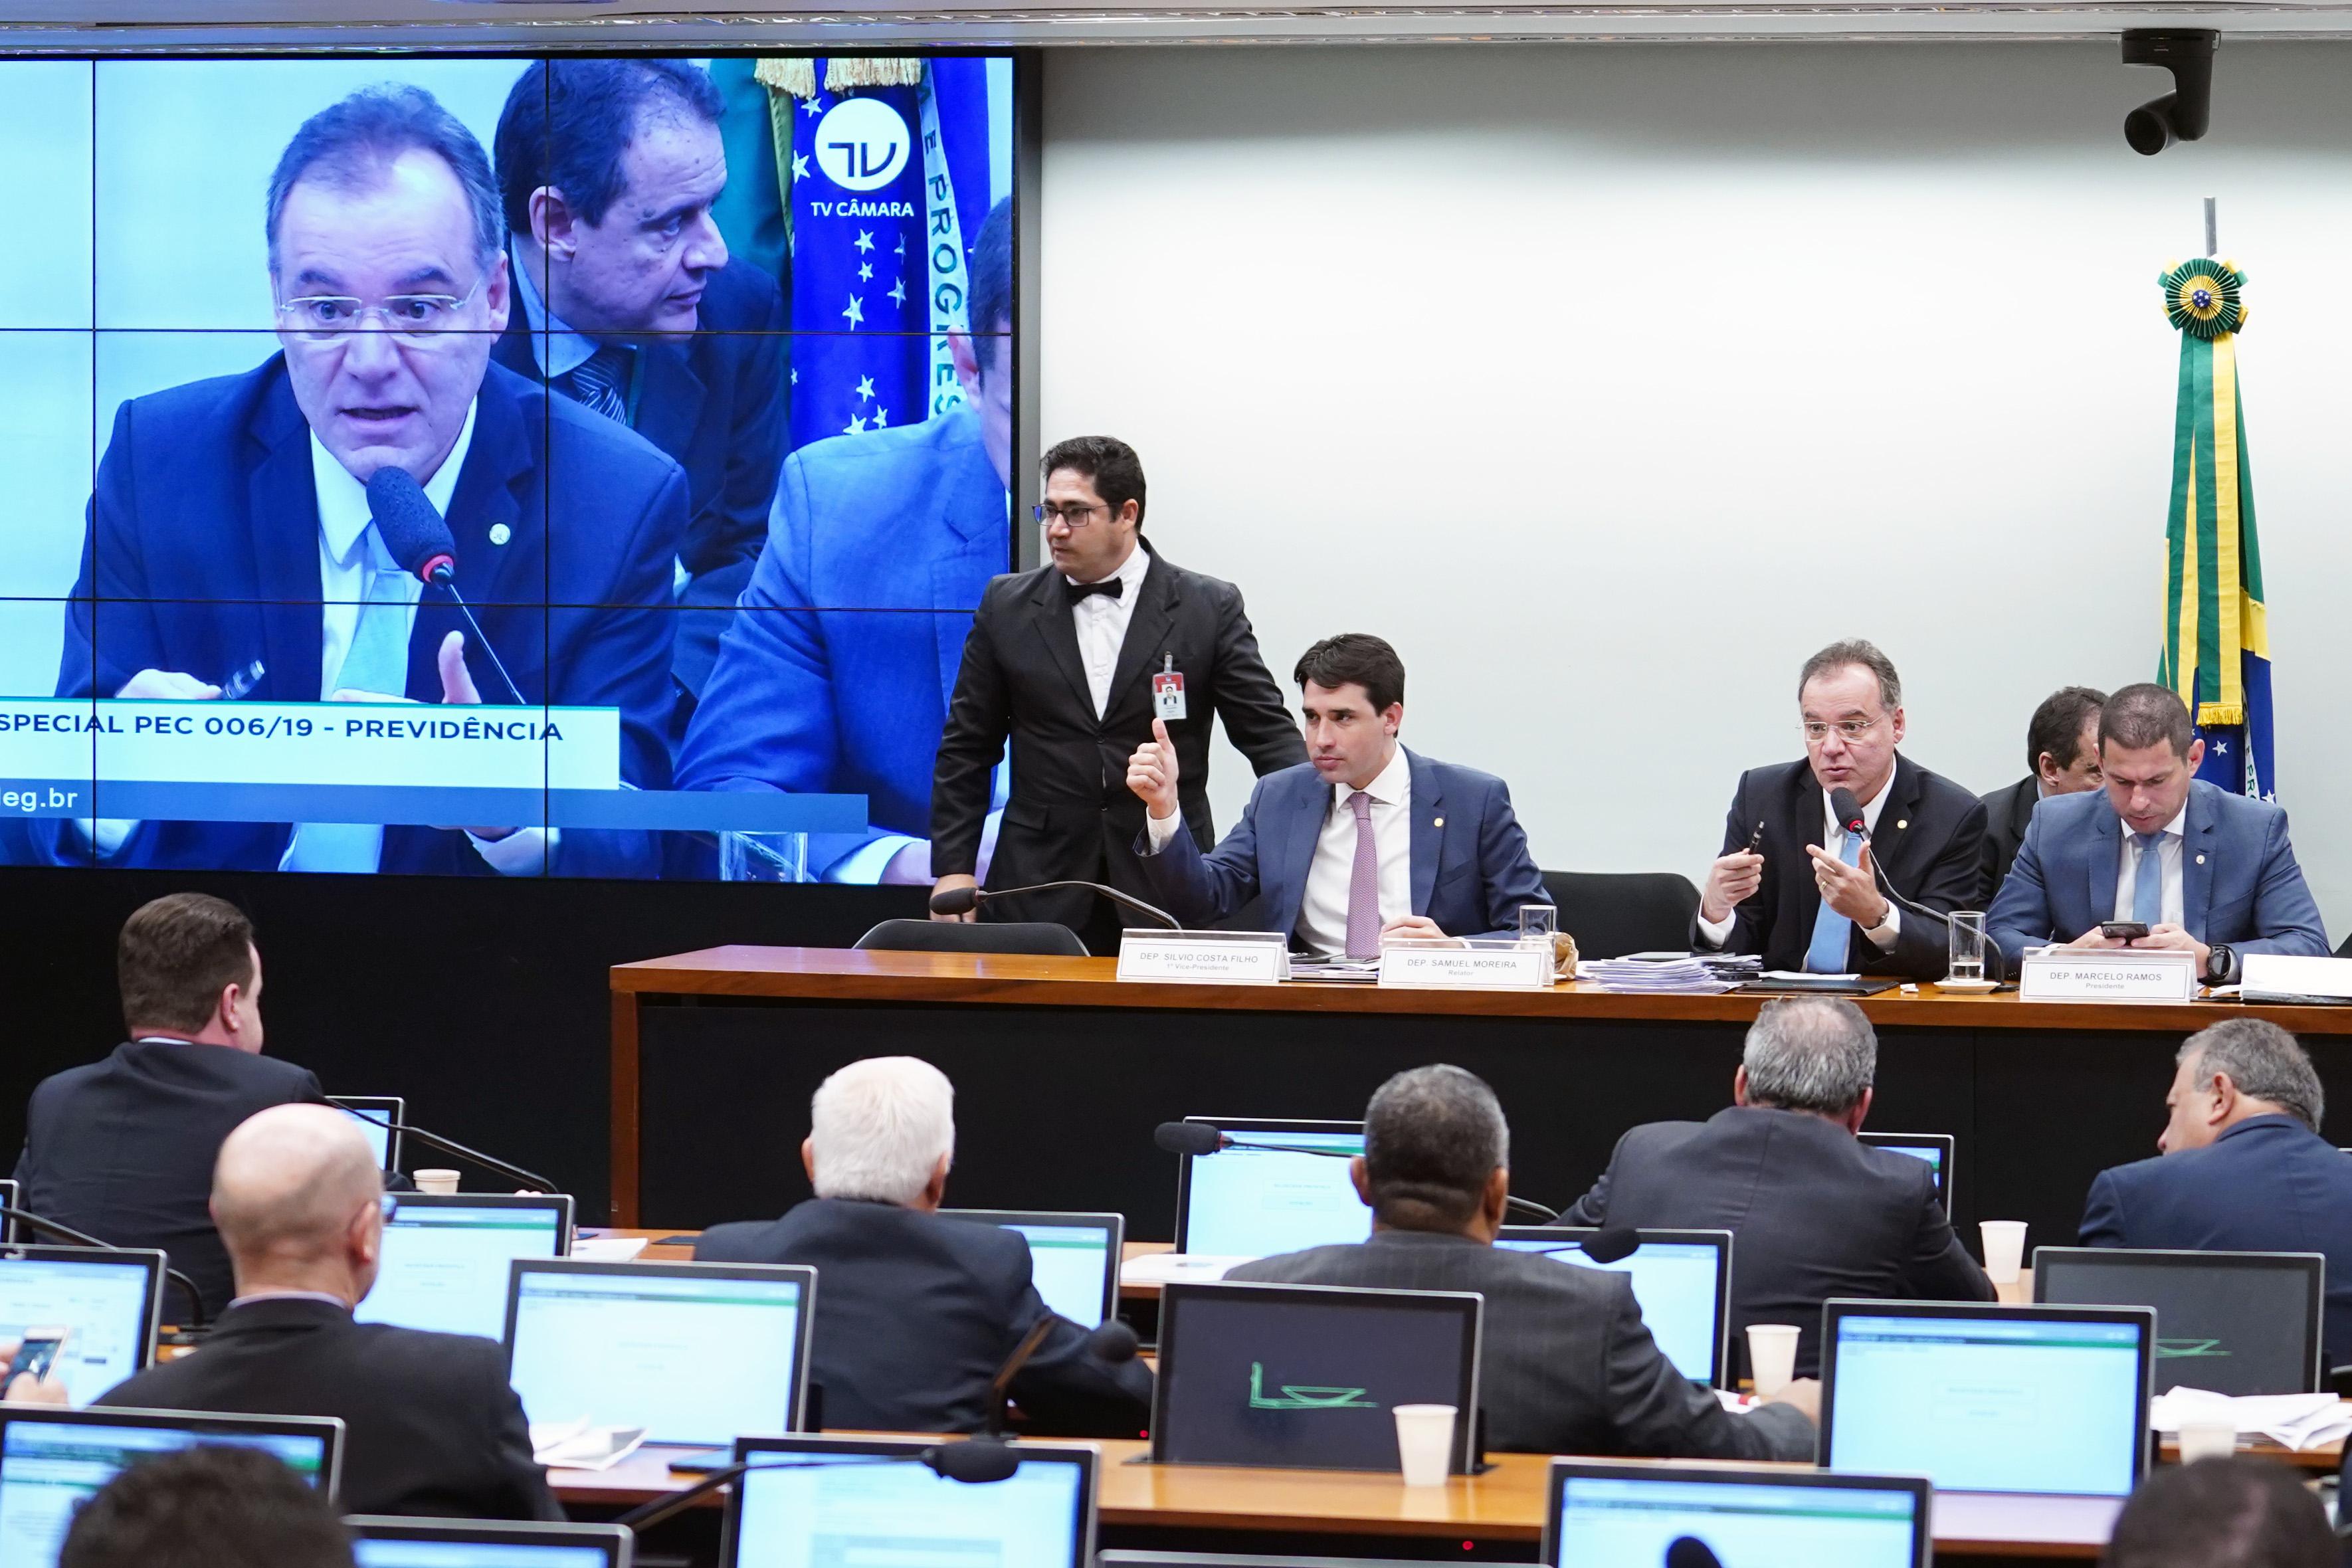 Comissão retoma discussão da reforma da Previdência nesta quarta-feira